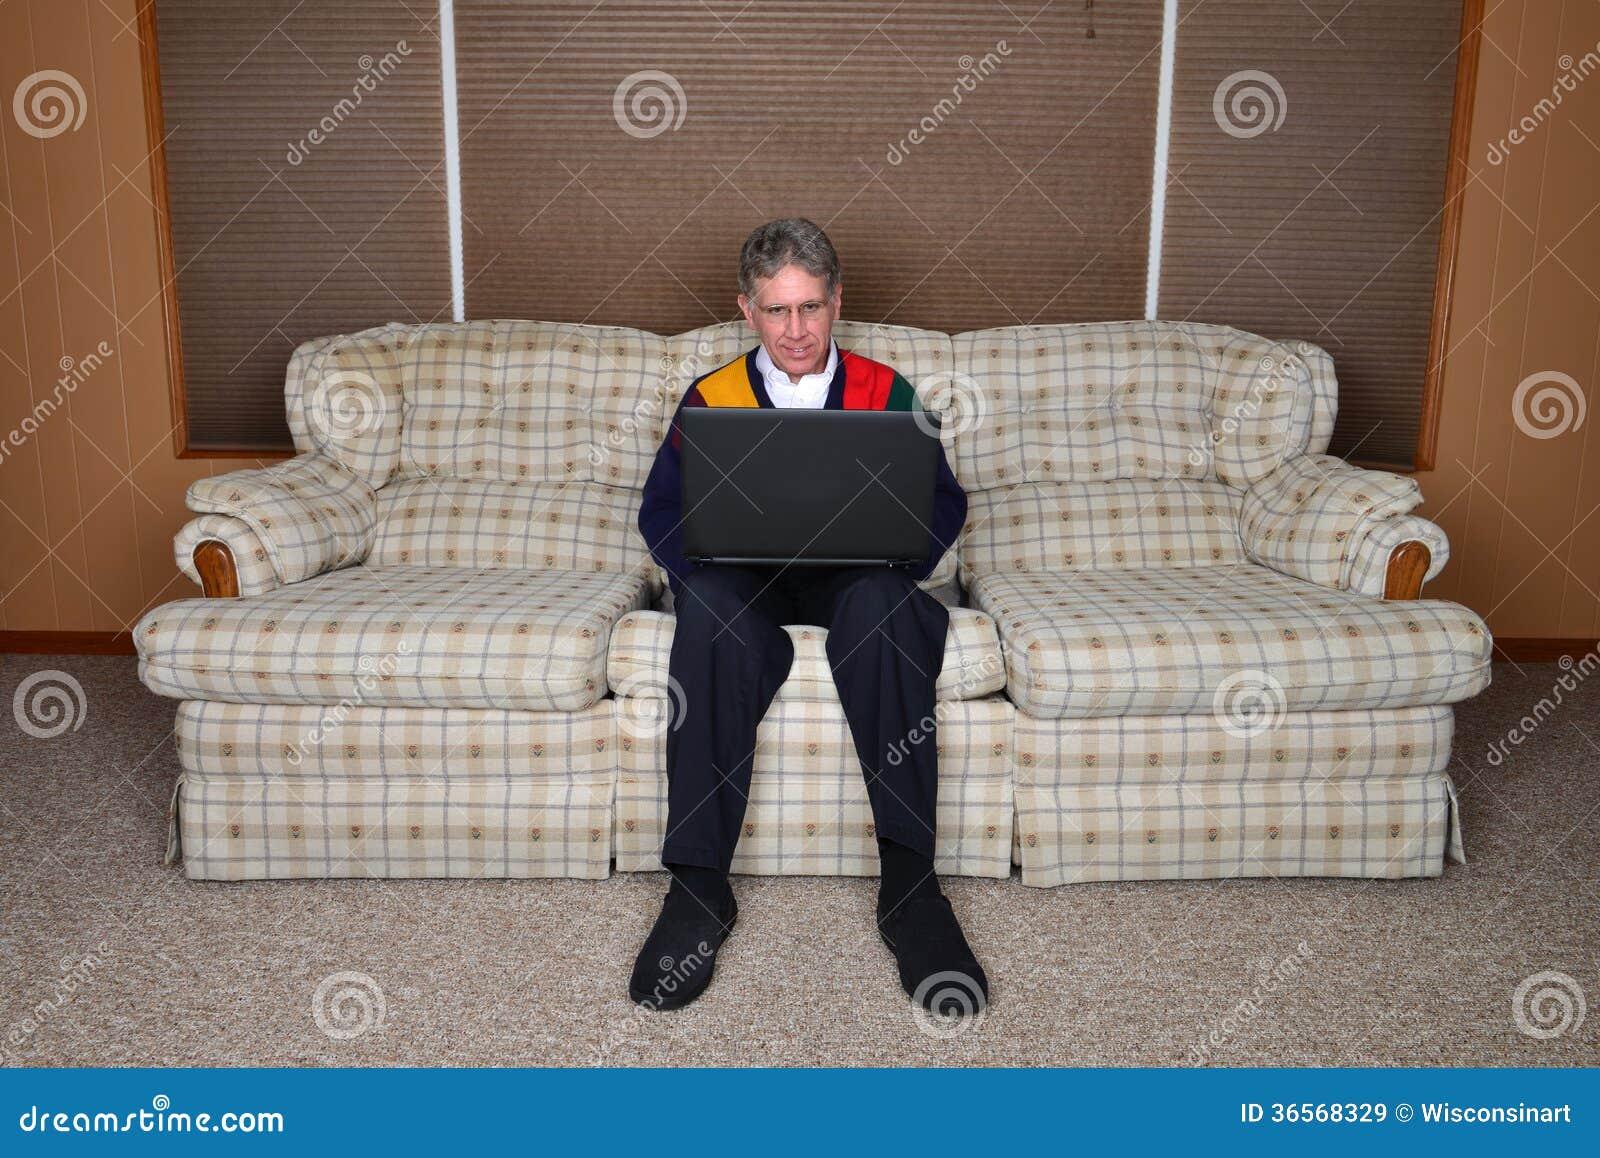 old elderly senior man using laptop computer royalty free. Black Bedroom Furniture Sets. Home Design Ideas